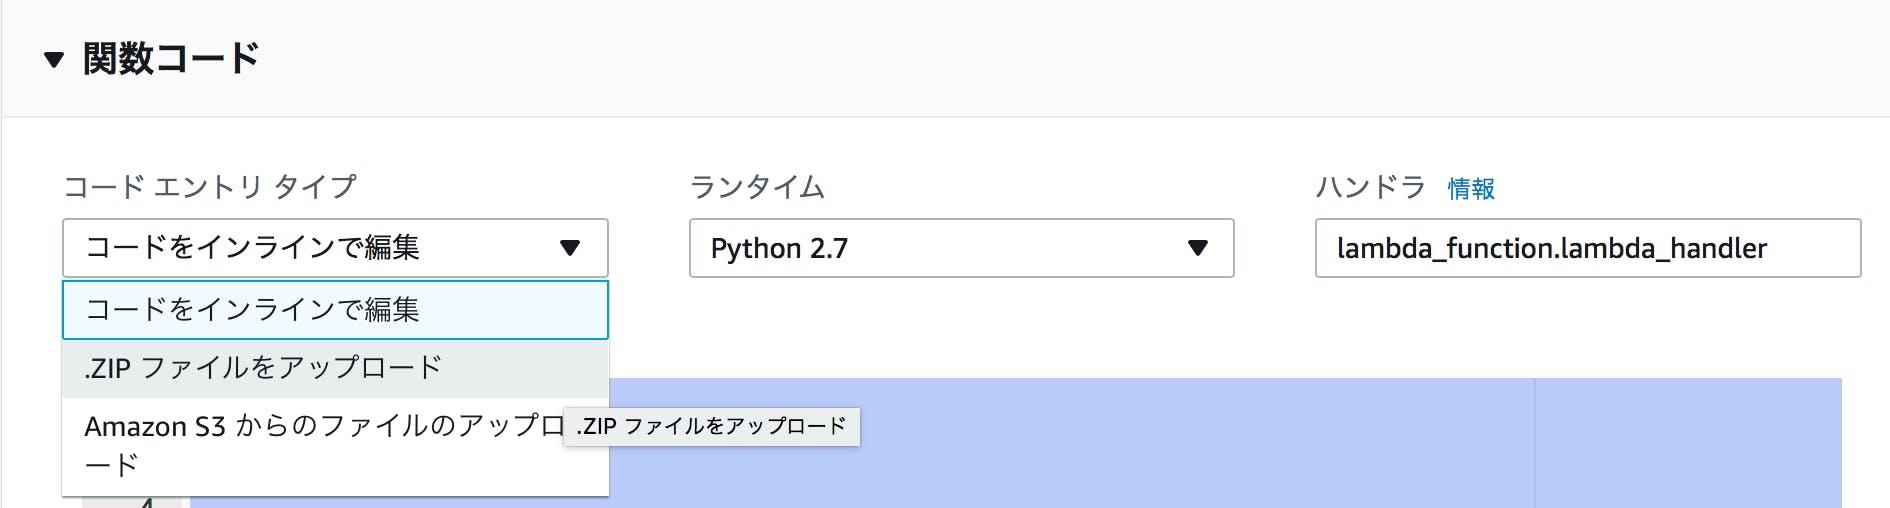 スクリーンショット 2017-11-14 23.50.47.png